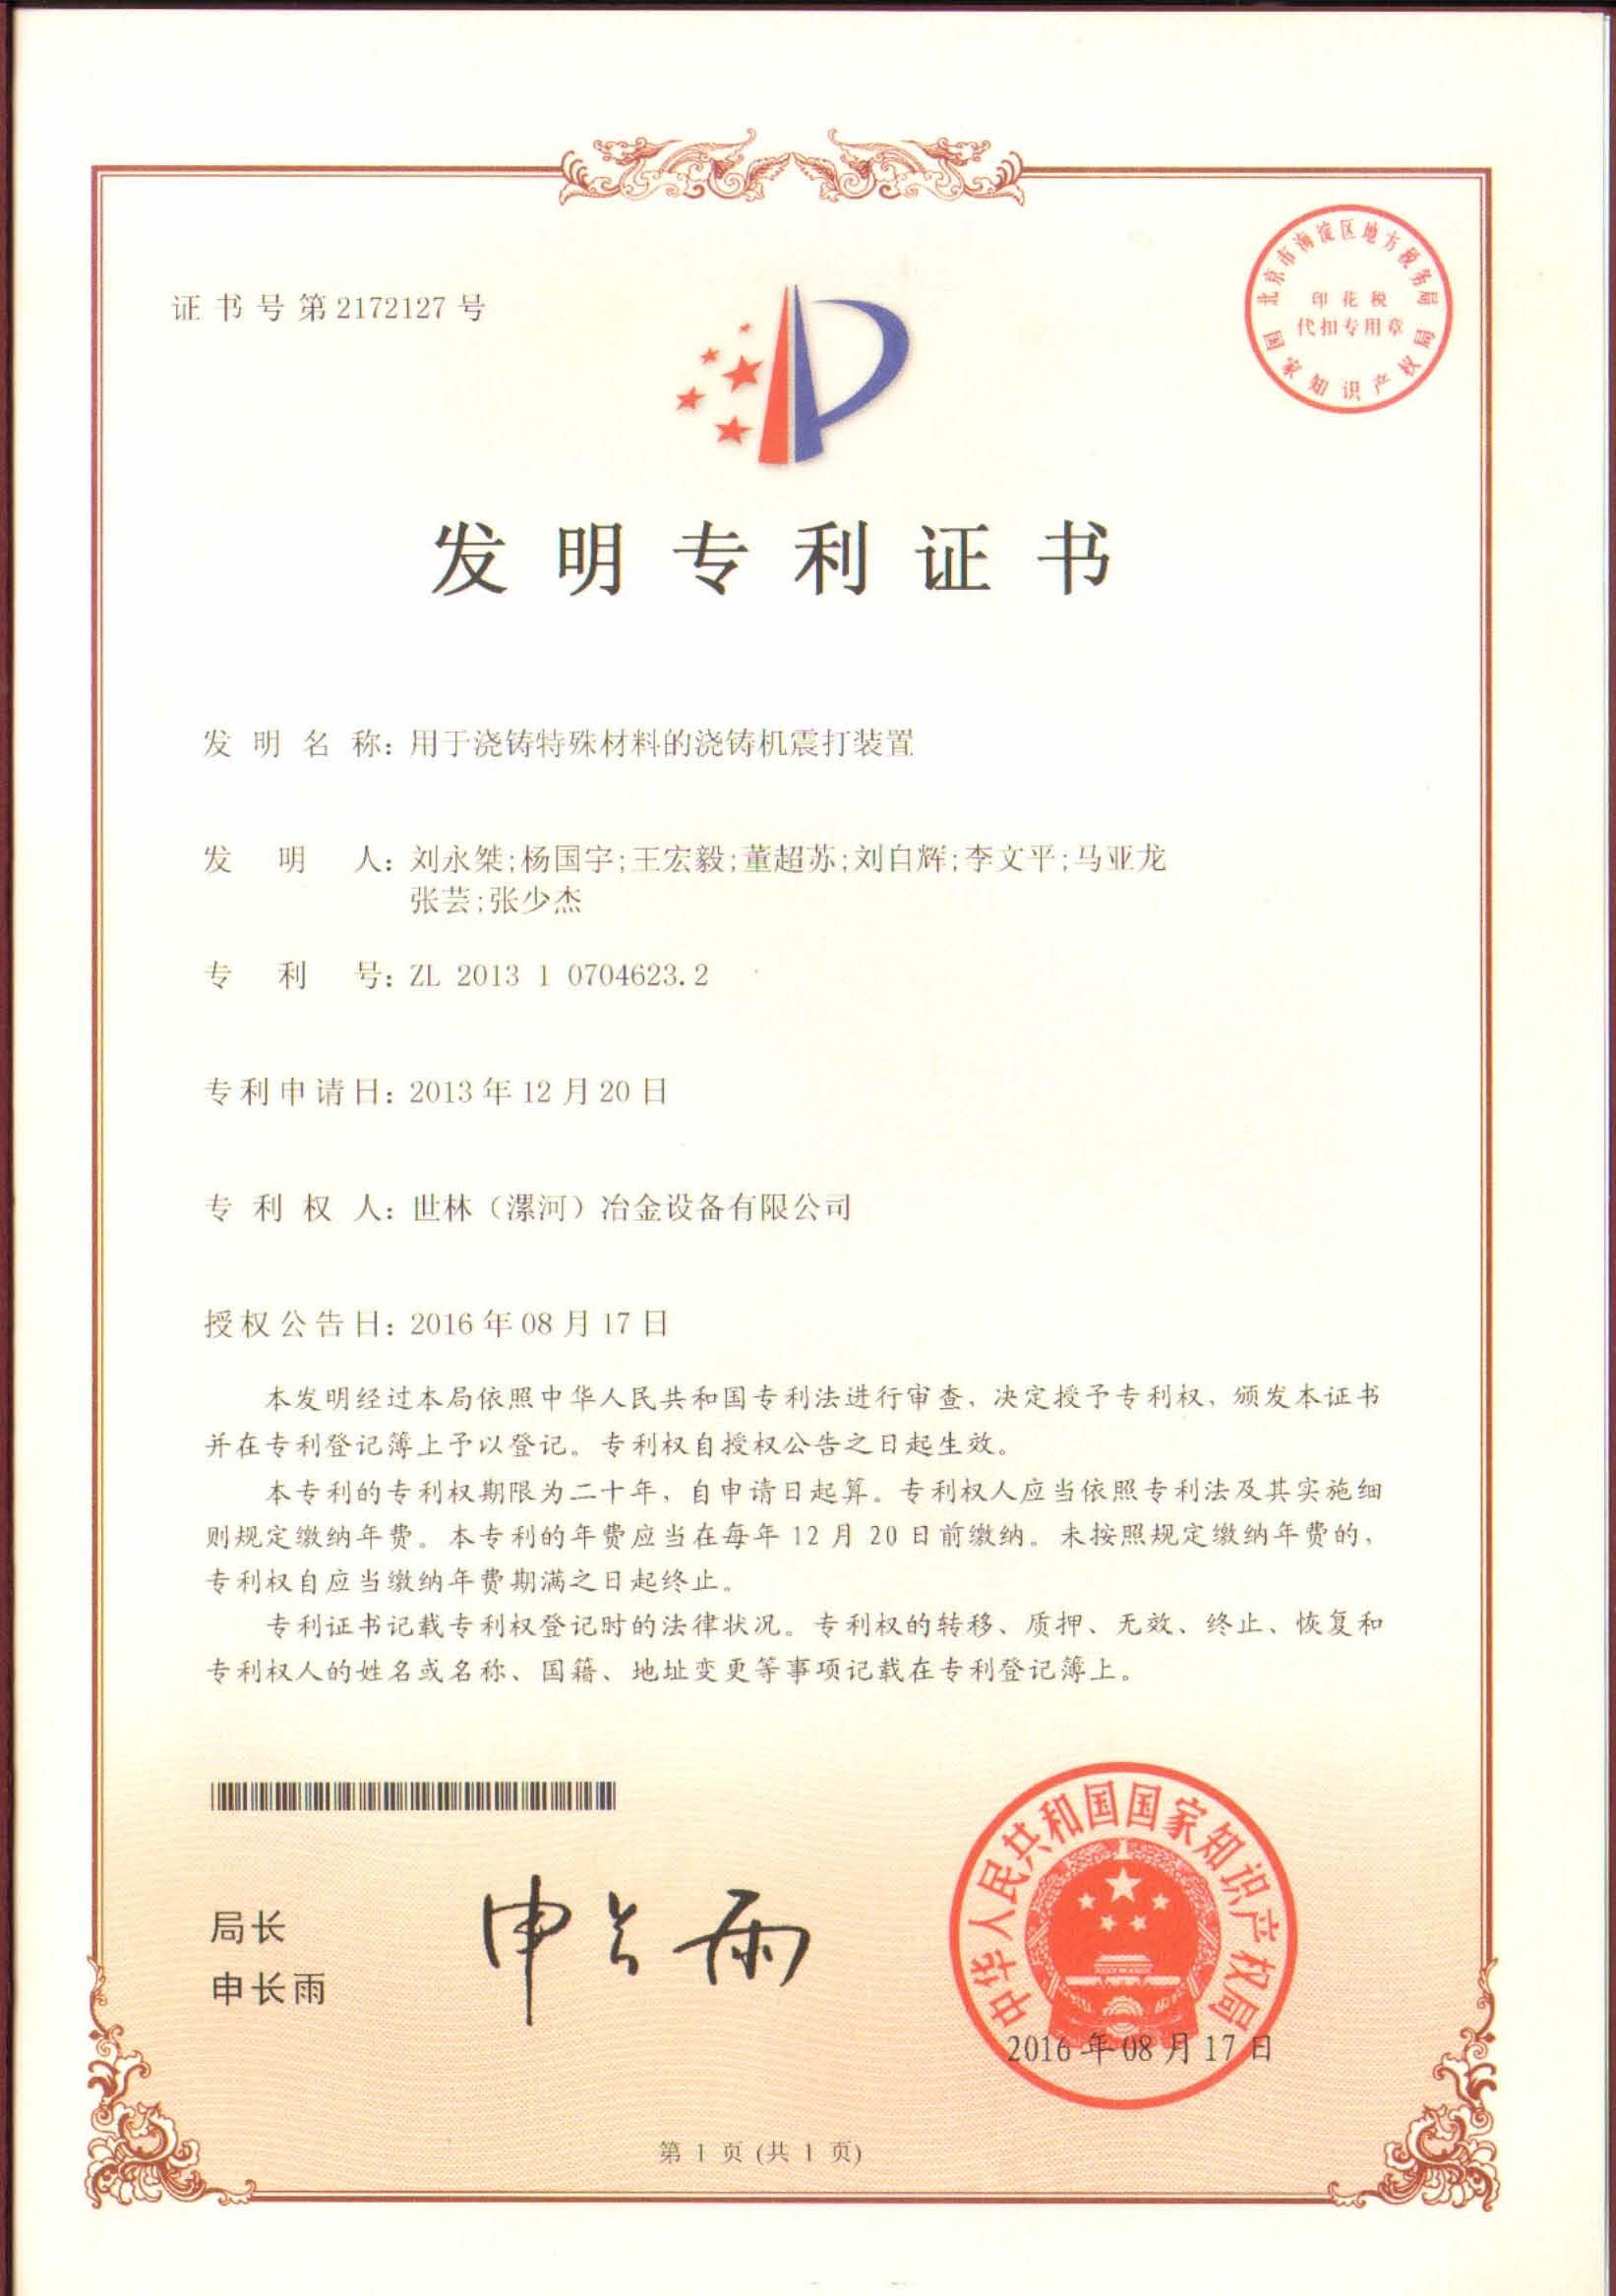 发明專利-用于浇铸特殊材料的浇铸机振打装置